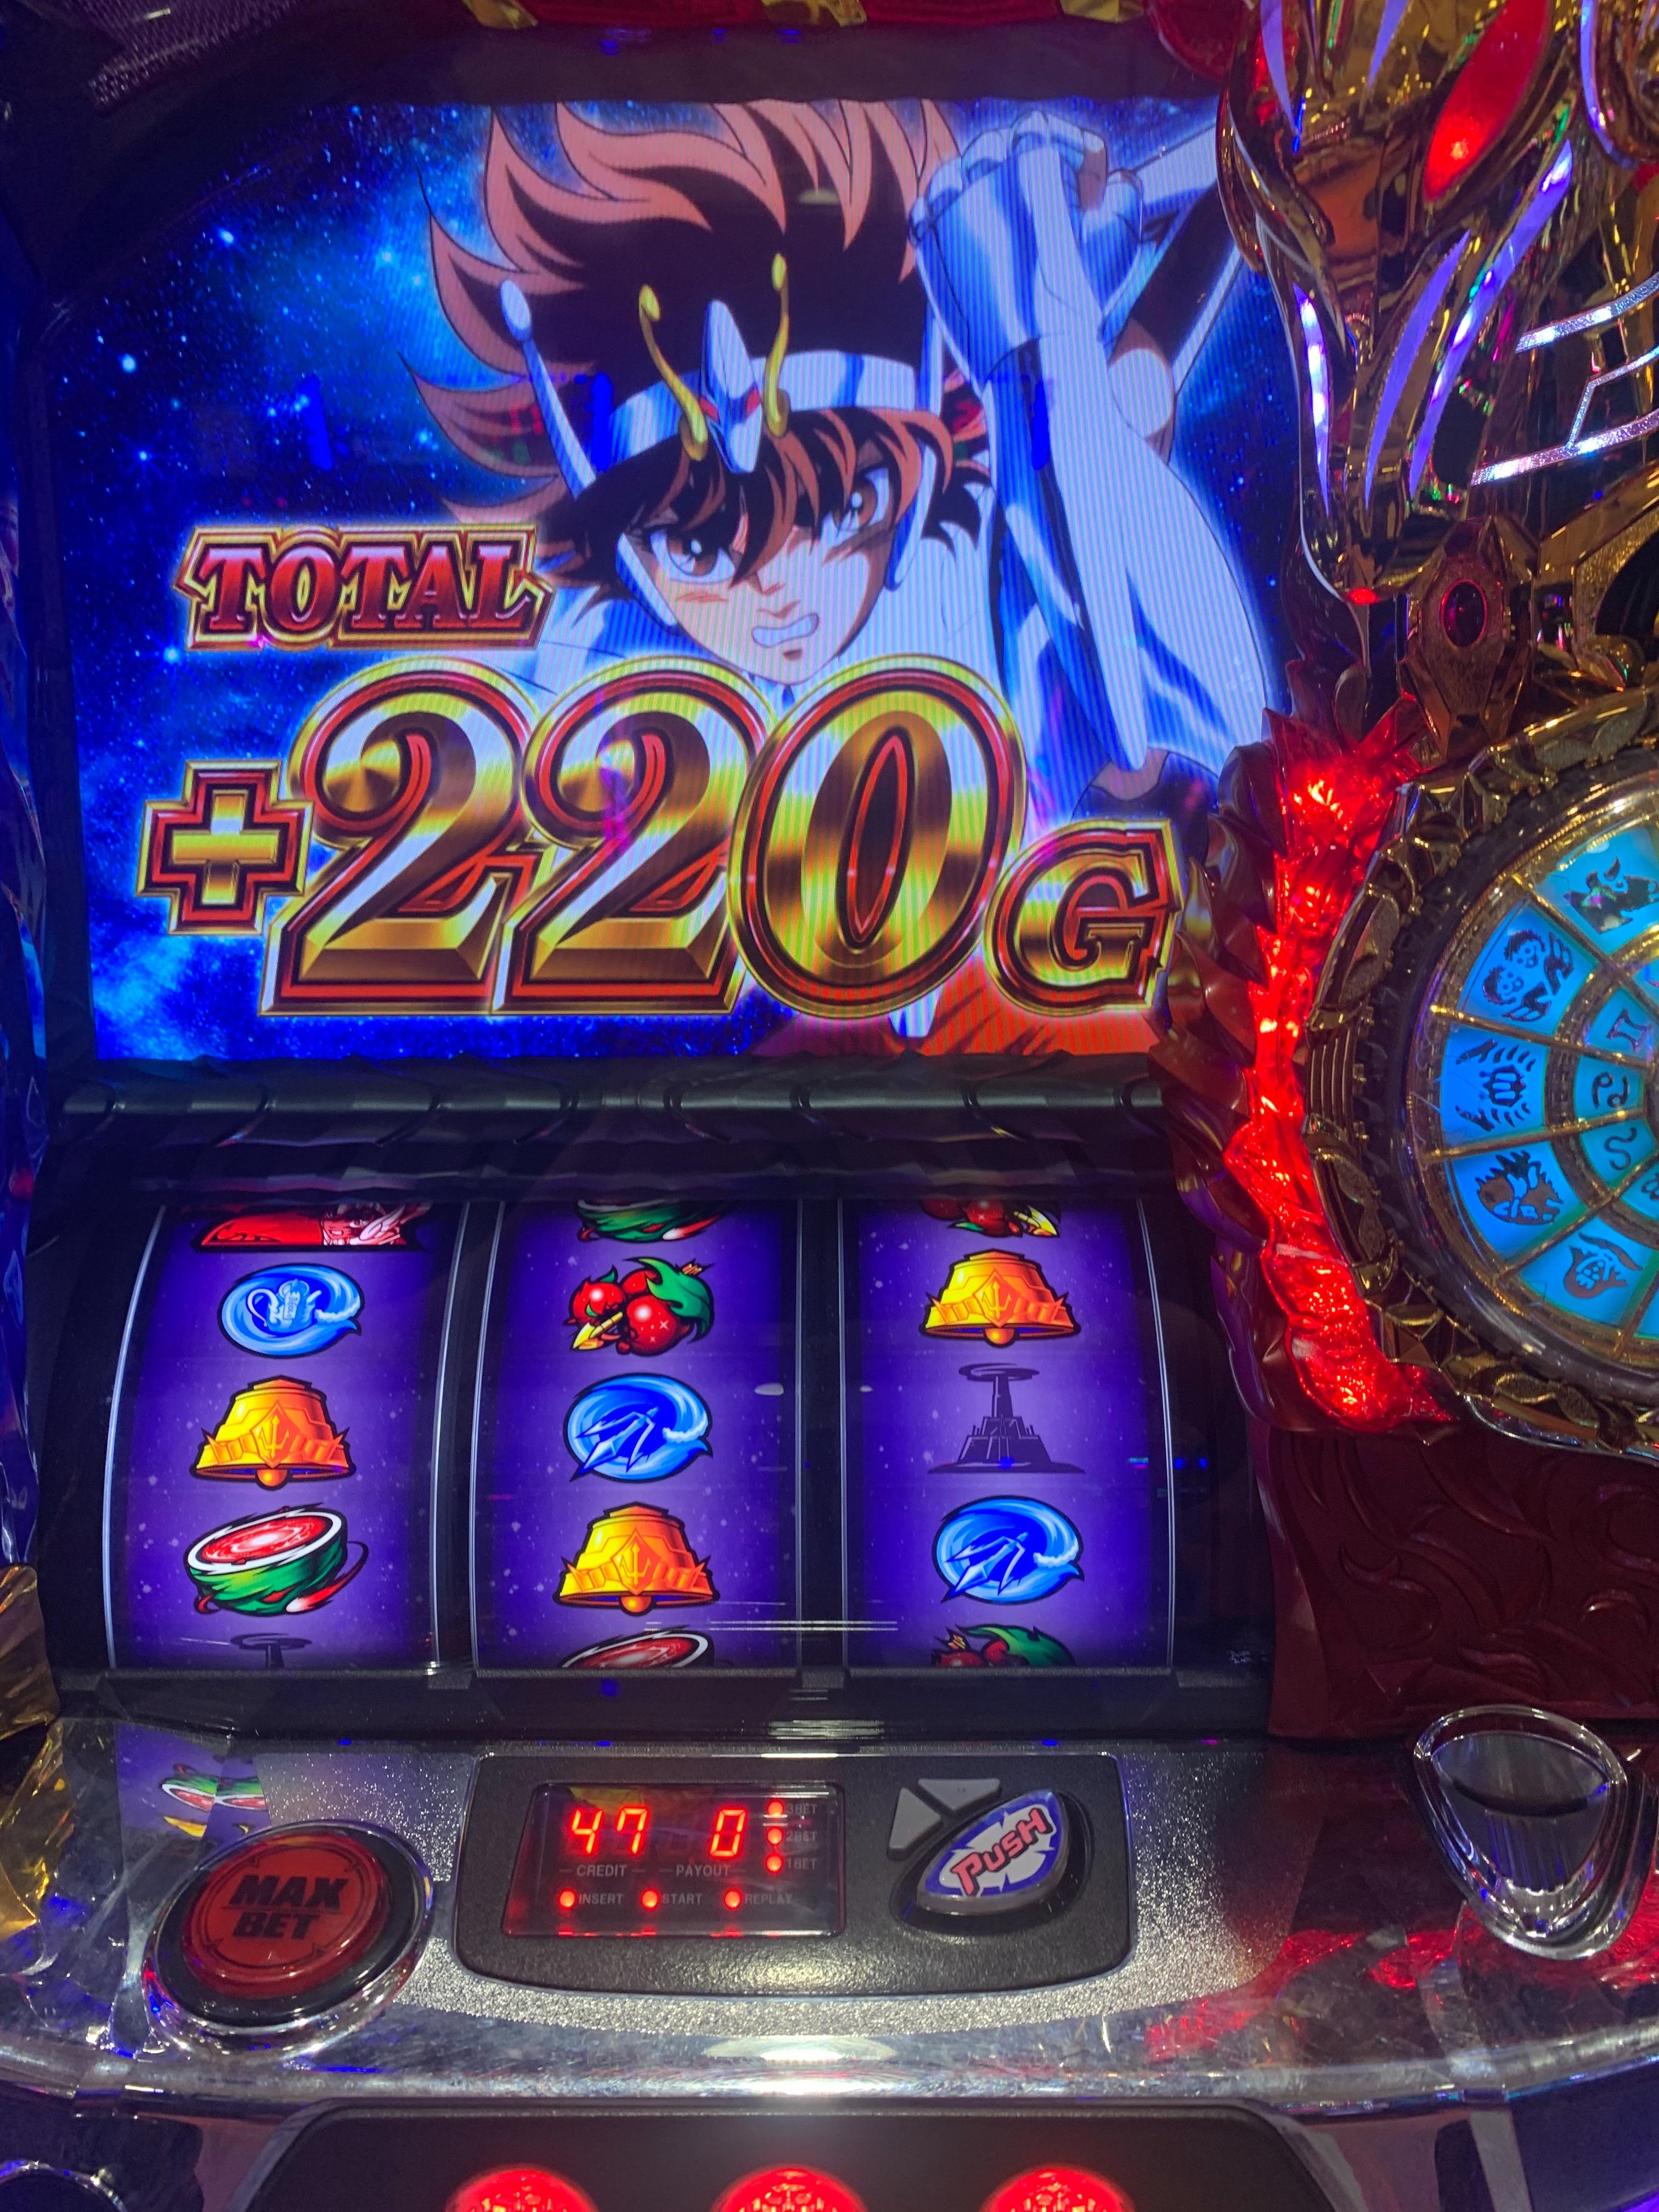 f:id:Chikubishin:20210215003112j:image